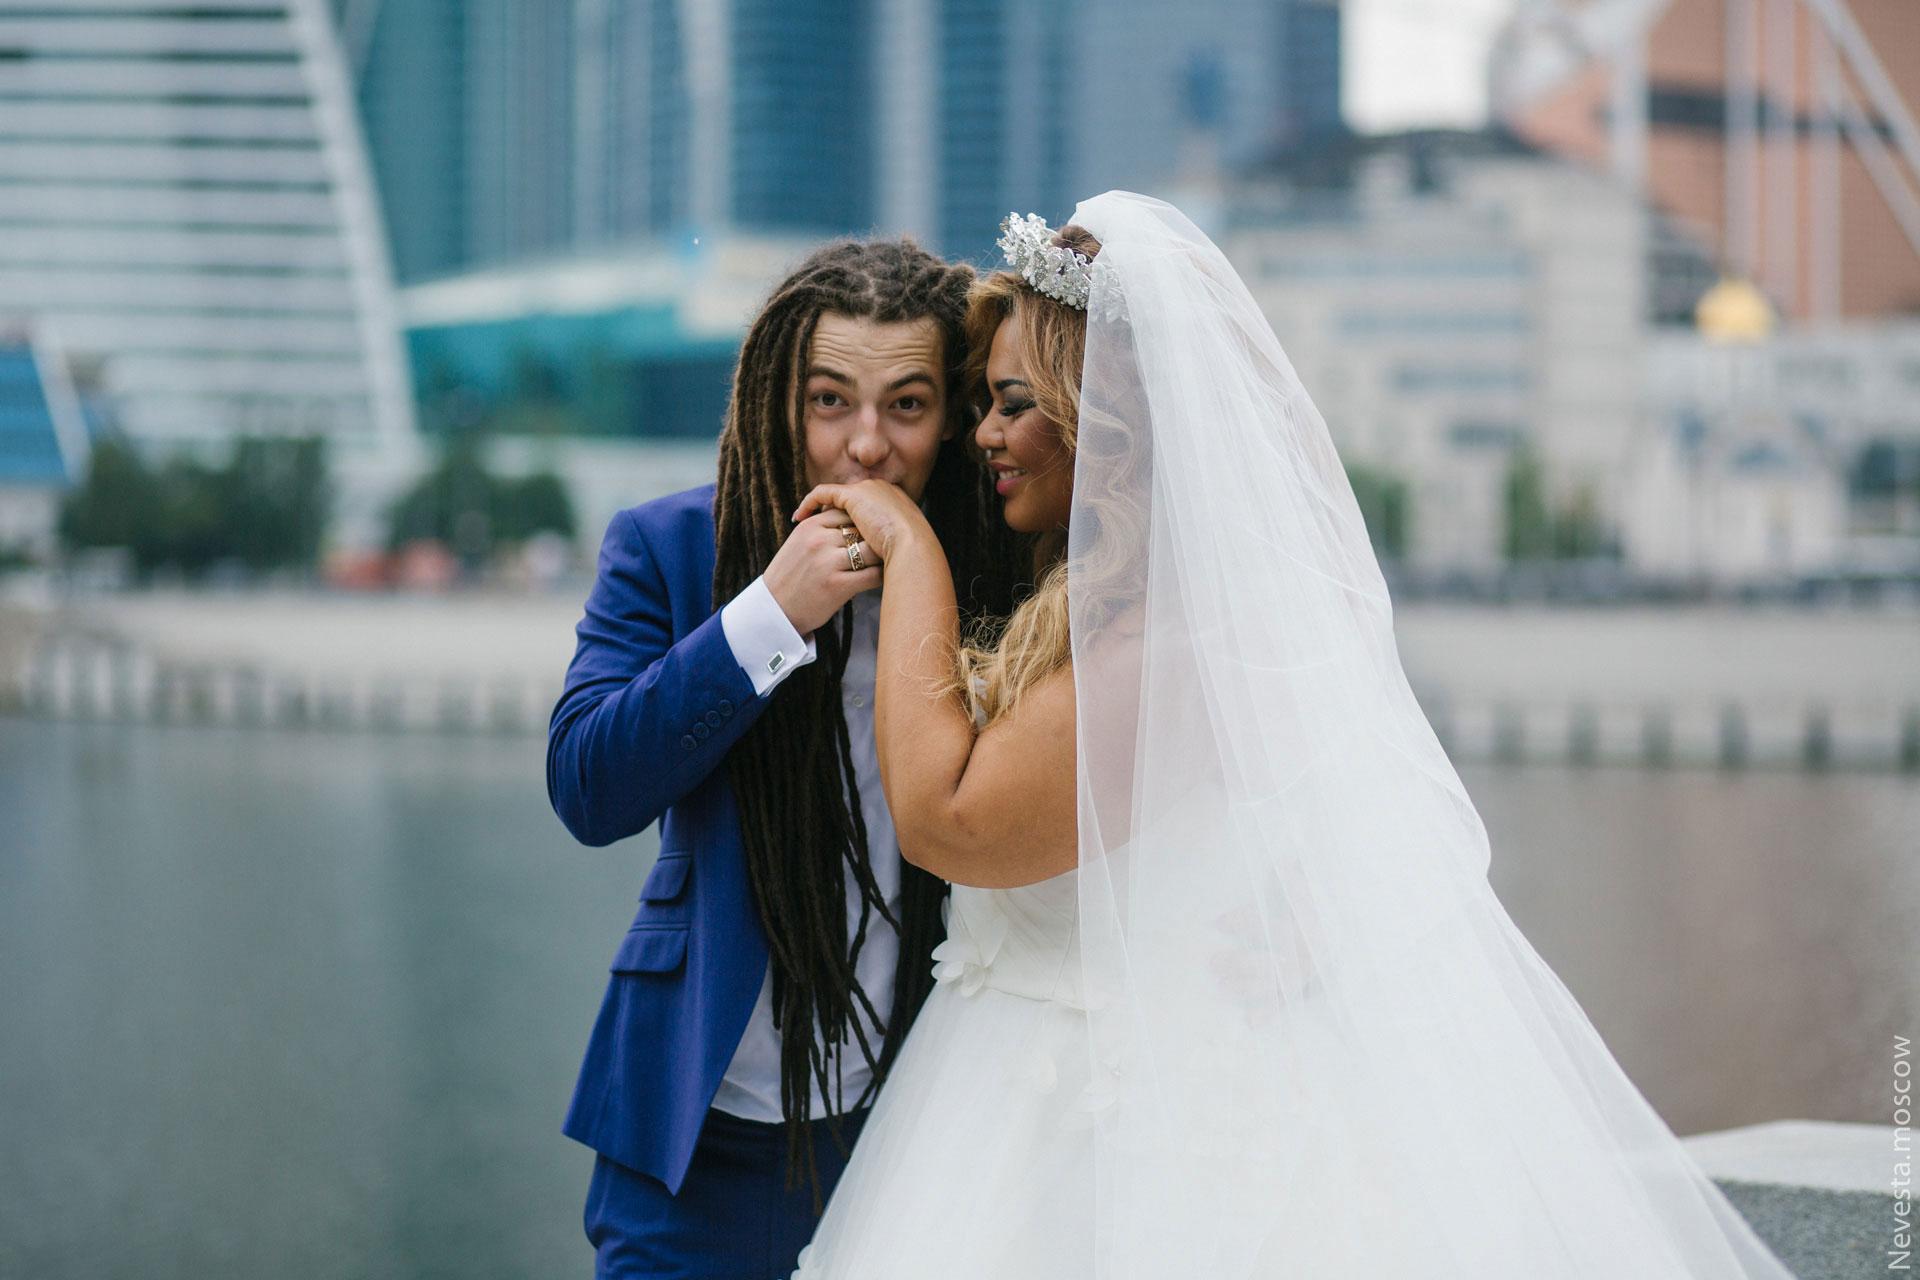 Экзотическая Ямайка. Свадьба Корнелии Манго и Богдана Дюрдя фото 25